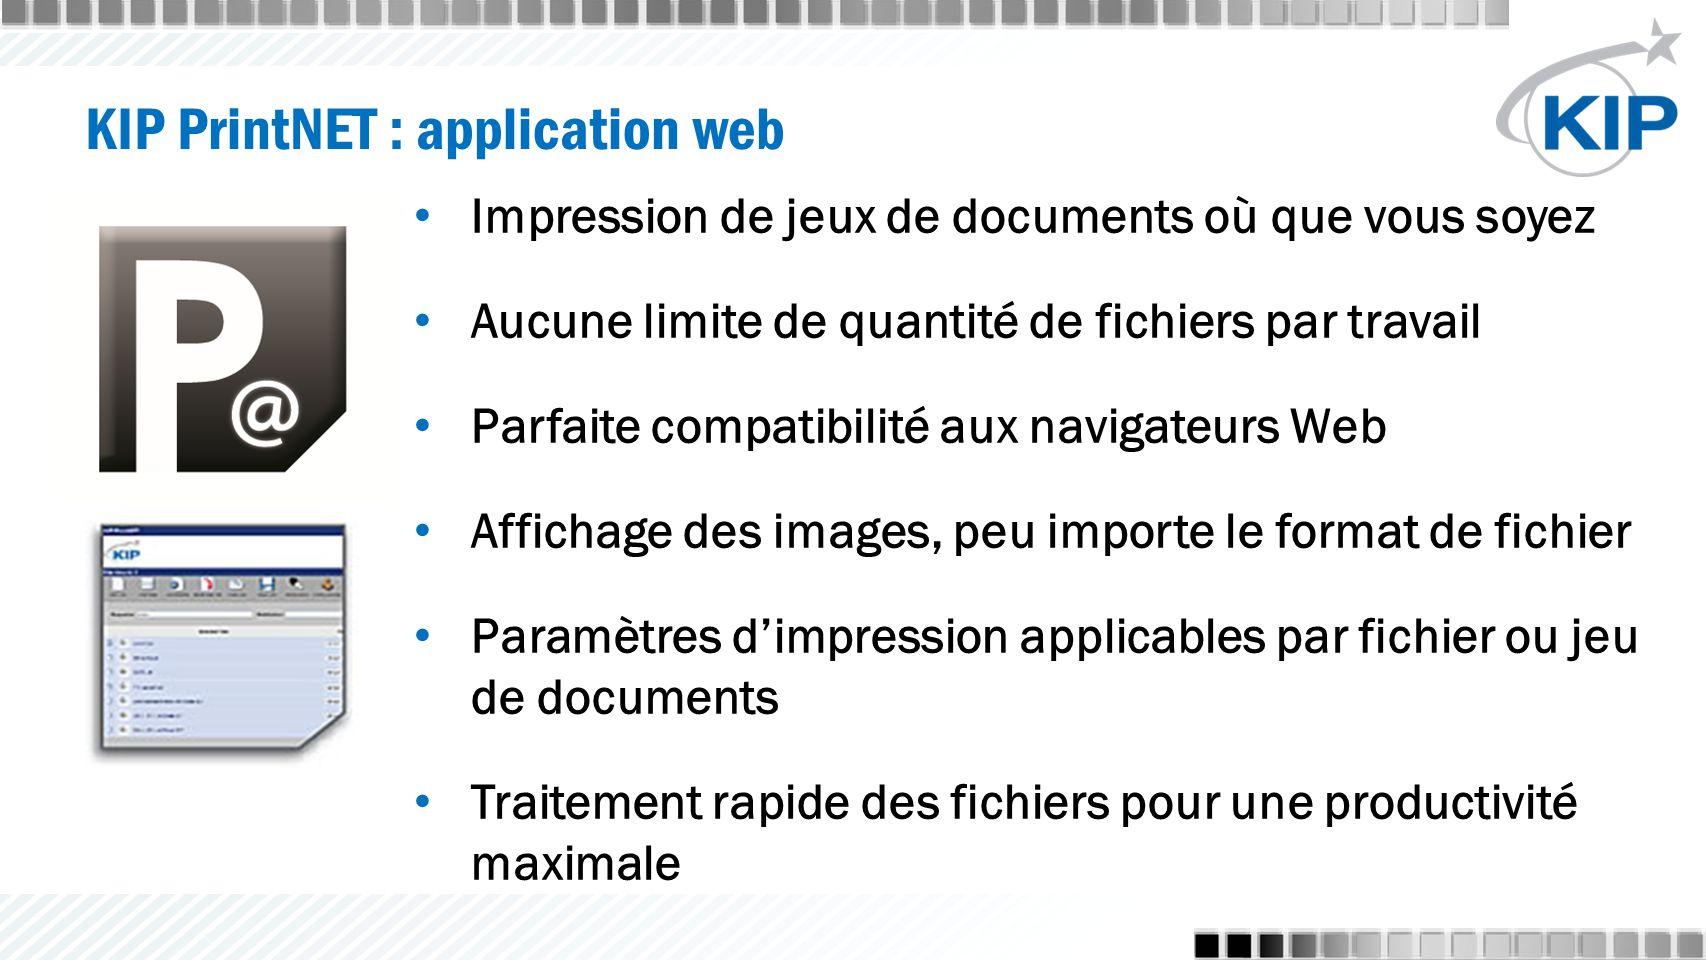 Impression de jeux de documents où que vous soyez Aucune limite de quantité de fichiers par travail Parfaite compatibilité aux navigateurs Web Affichage des images, peu importe le format de fichier Paramètres d'impression applicables par fichier ou jeu de documents Traitement rapide des fichiers pour une productivité maximale